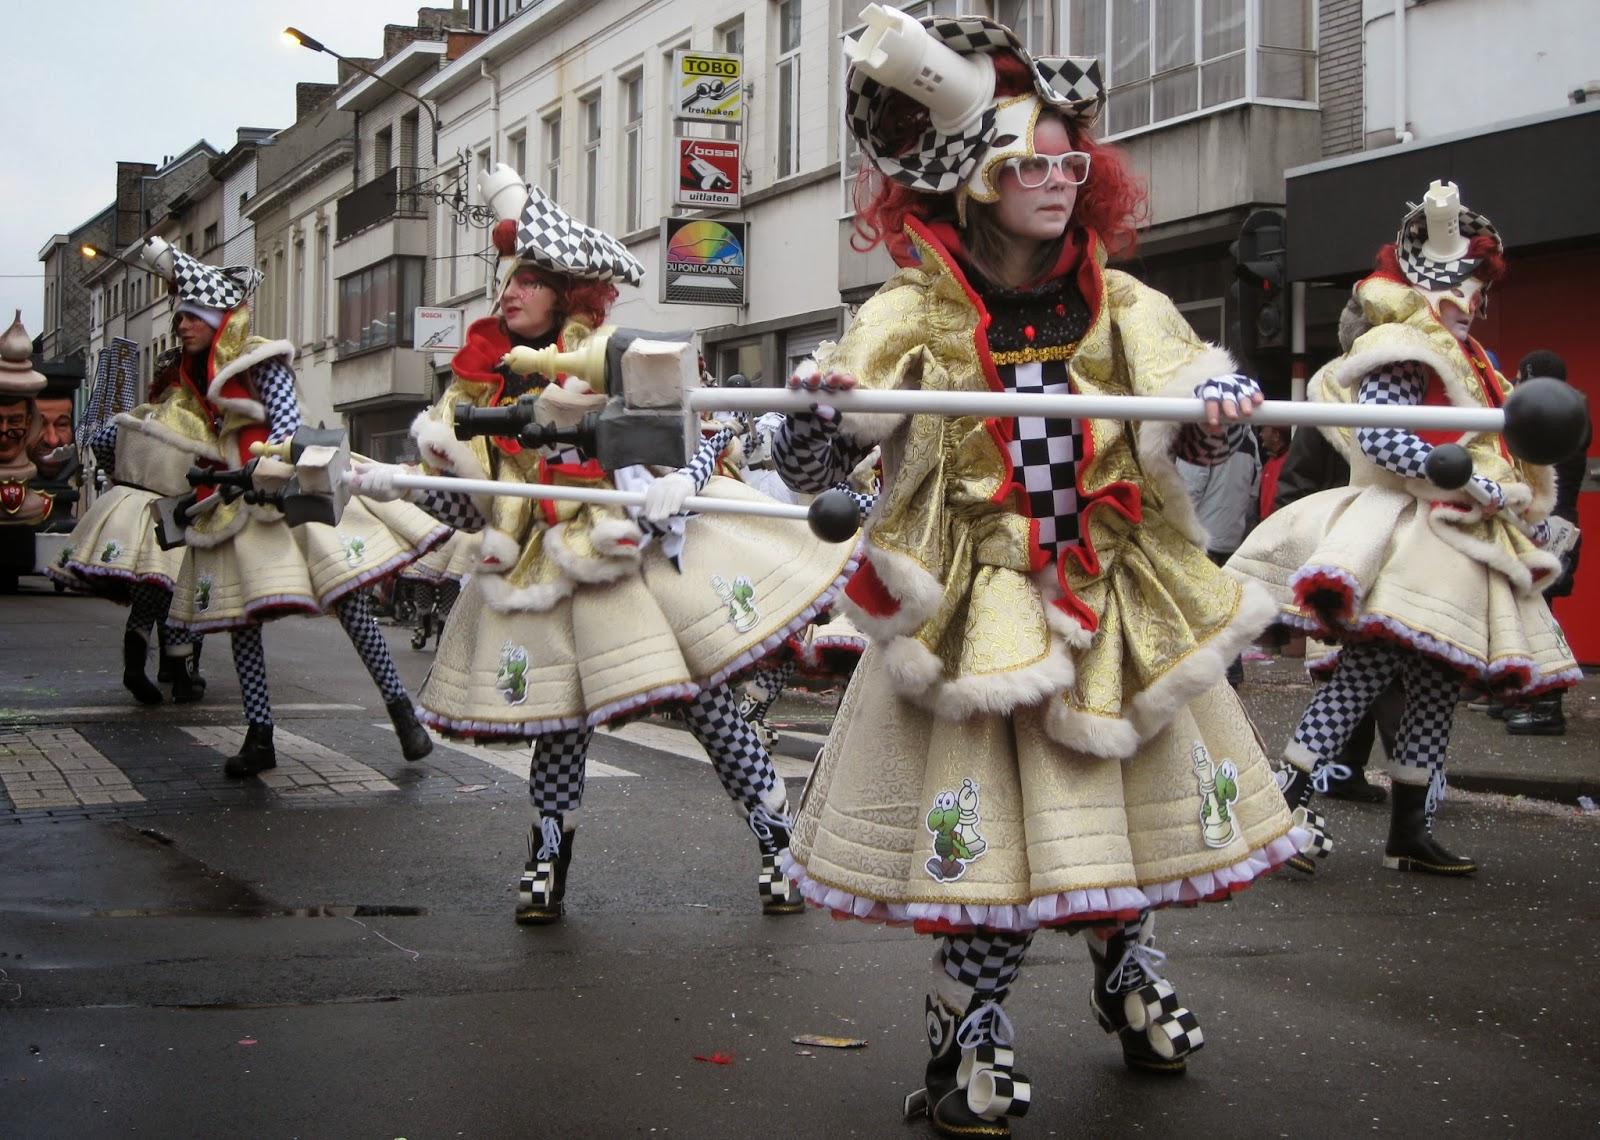 Carnaval Aalst foto- en videoblog: 2. Drasj